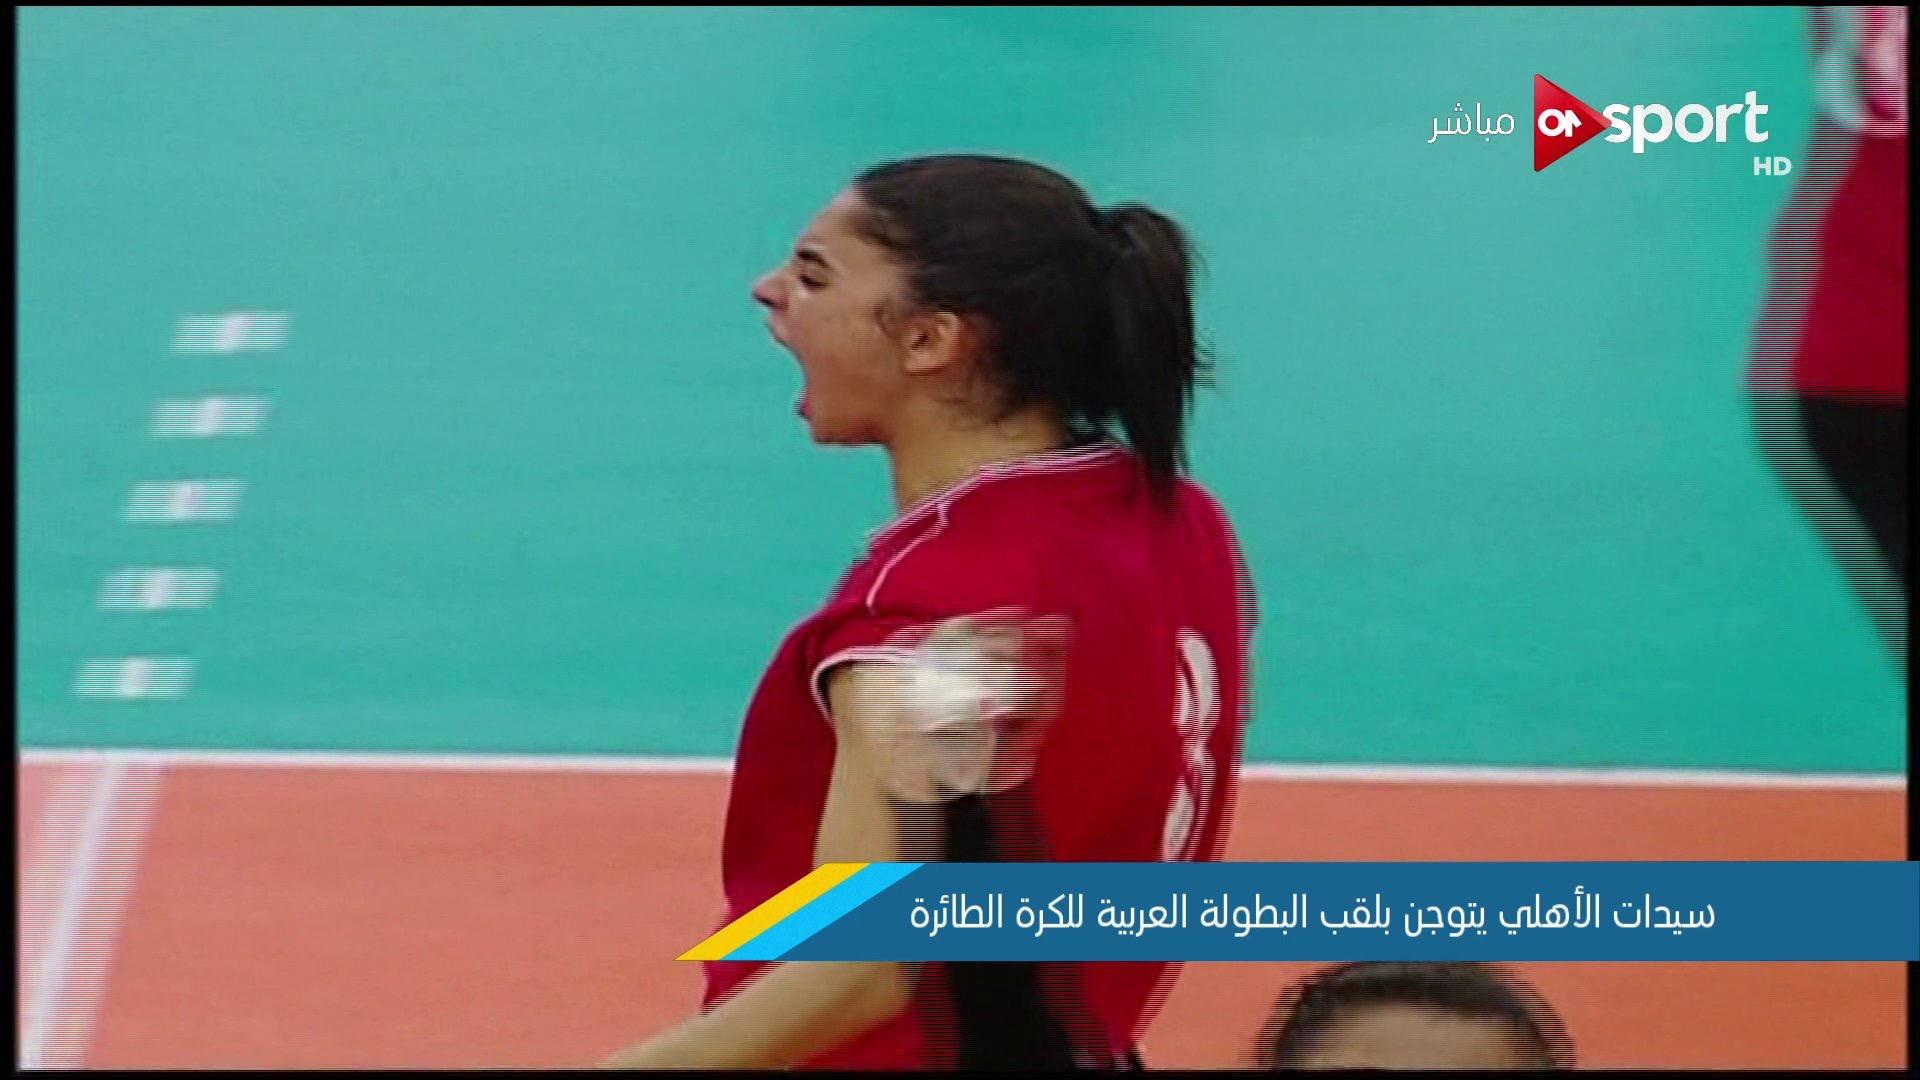 سيدات الأهلي بطلات العرب في الكرة الطائرة